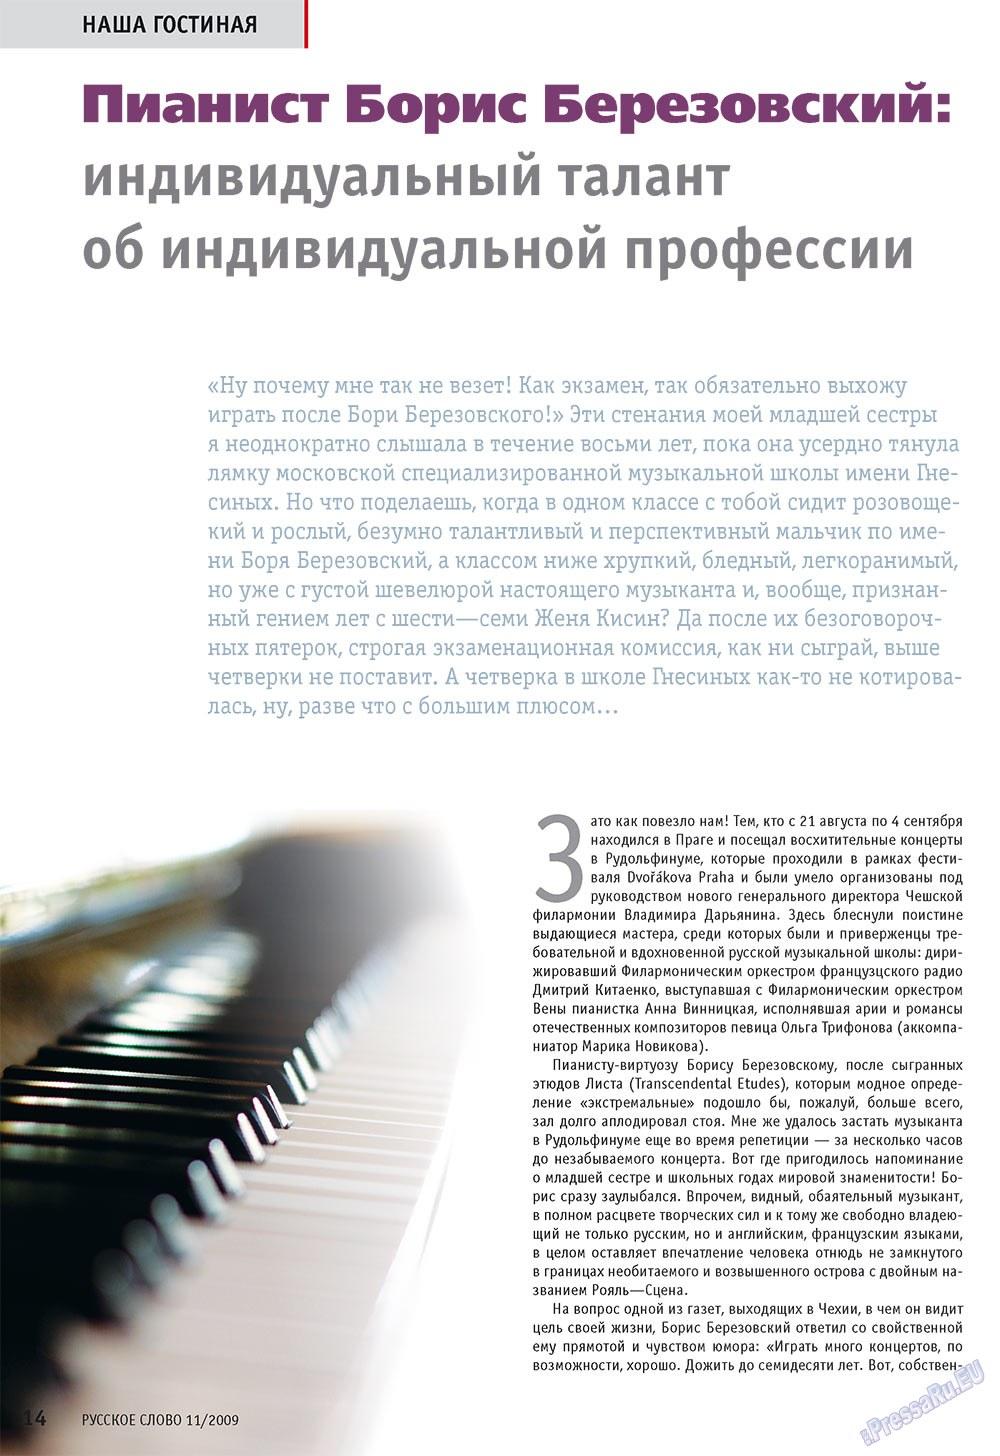 Русское слово (журнал). 2009 год, номер 11, стр. 16